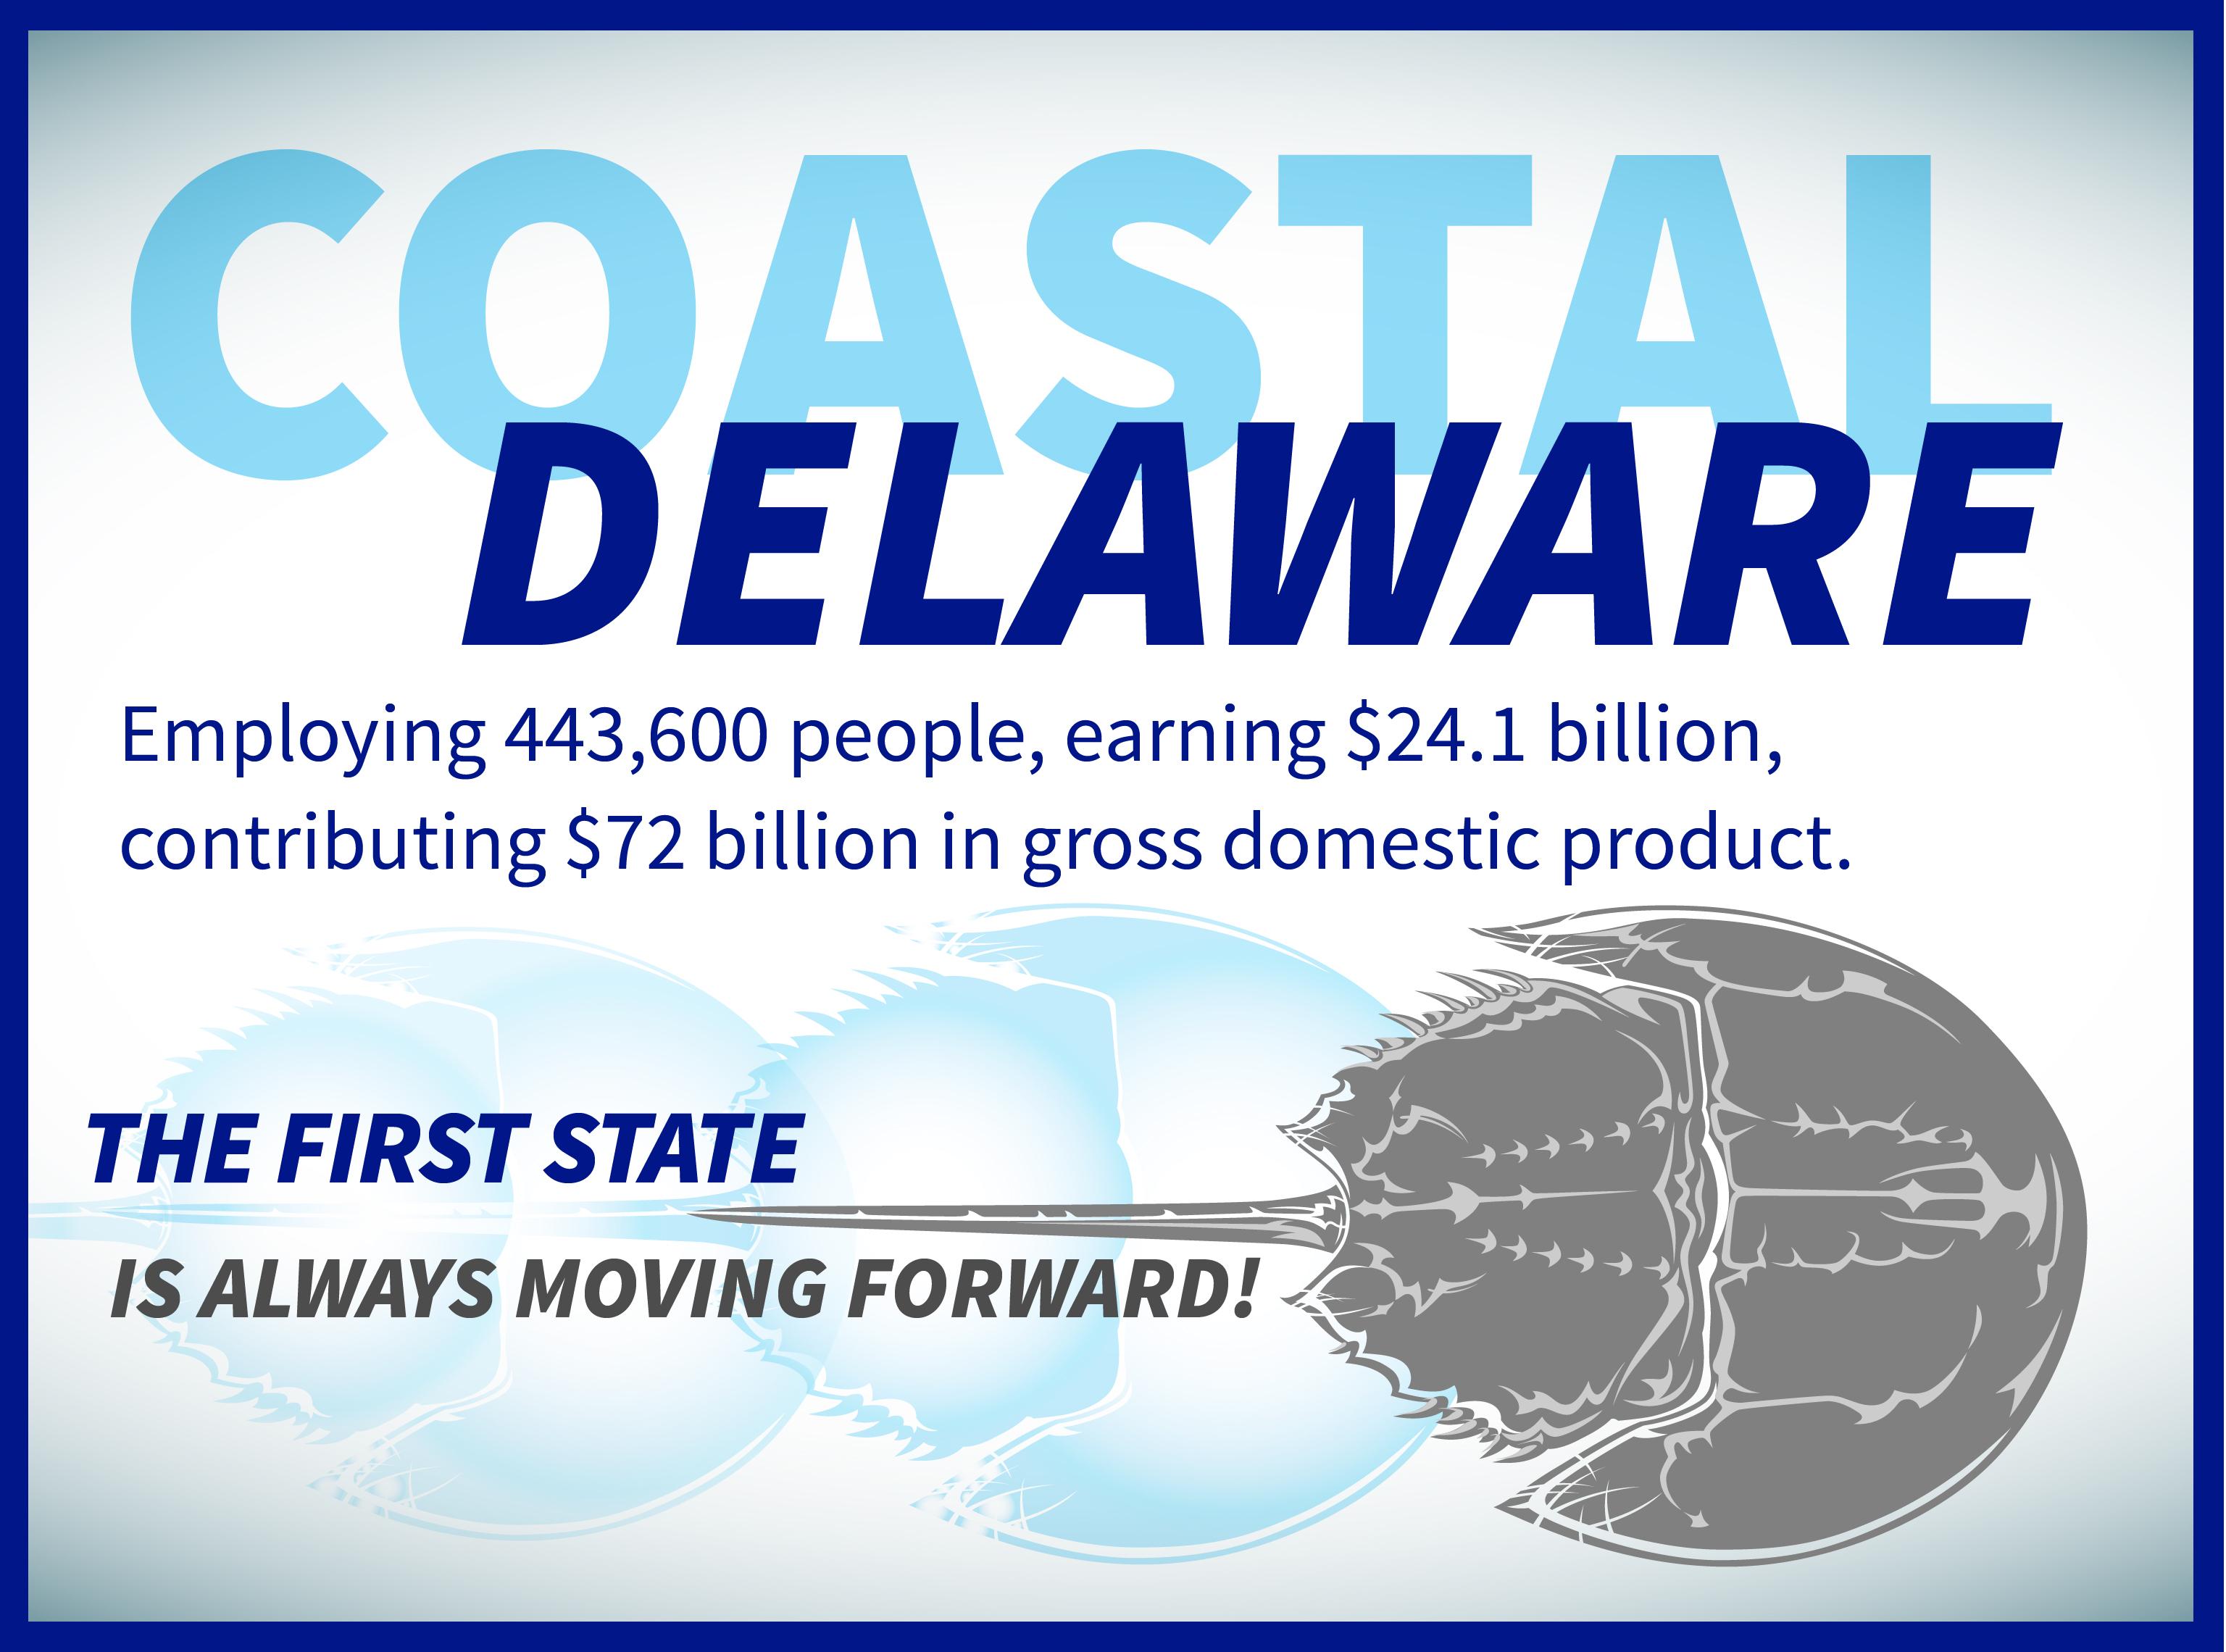 Delaware graphic